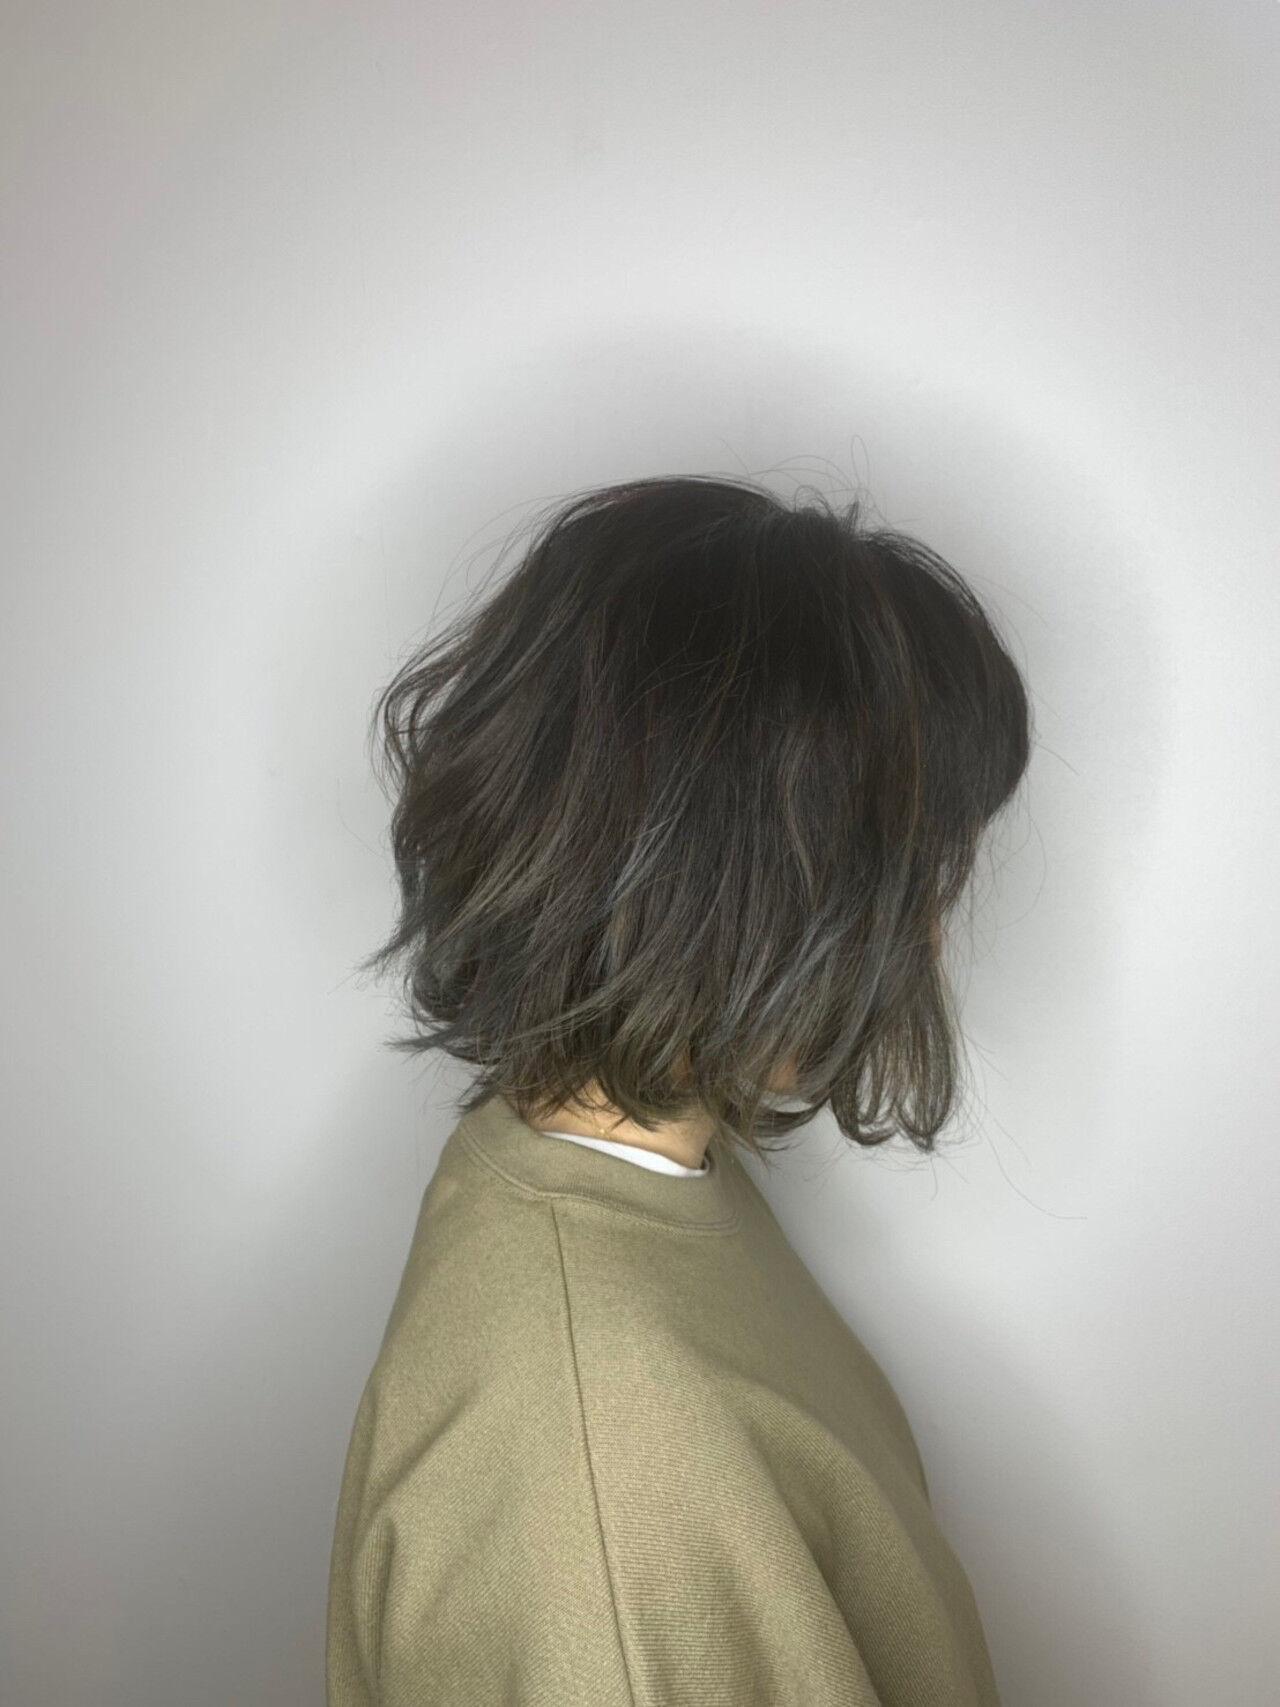 バイヤレージュ ゆるふわ ボブ アウトドアヘアスタイルや髪型の写真・画像